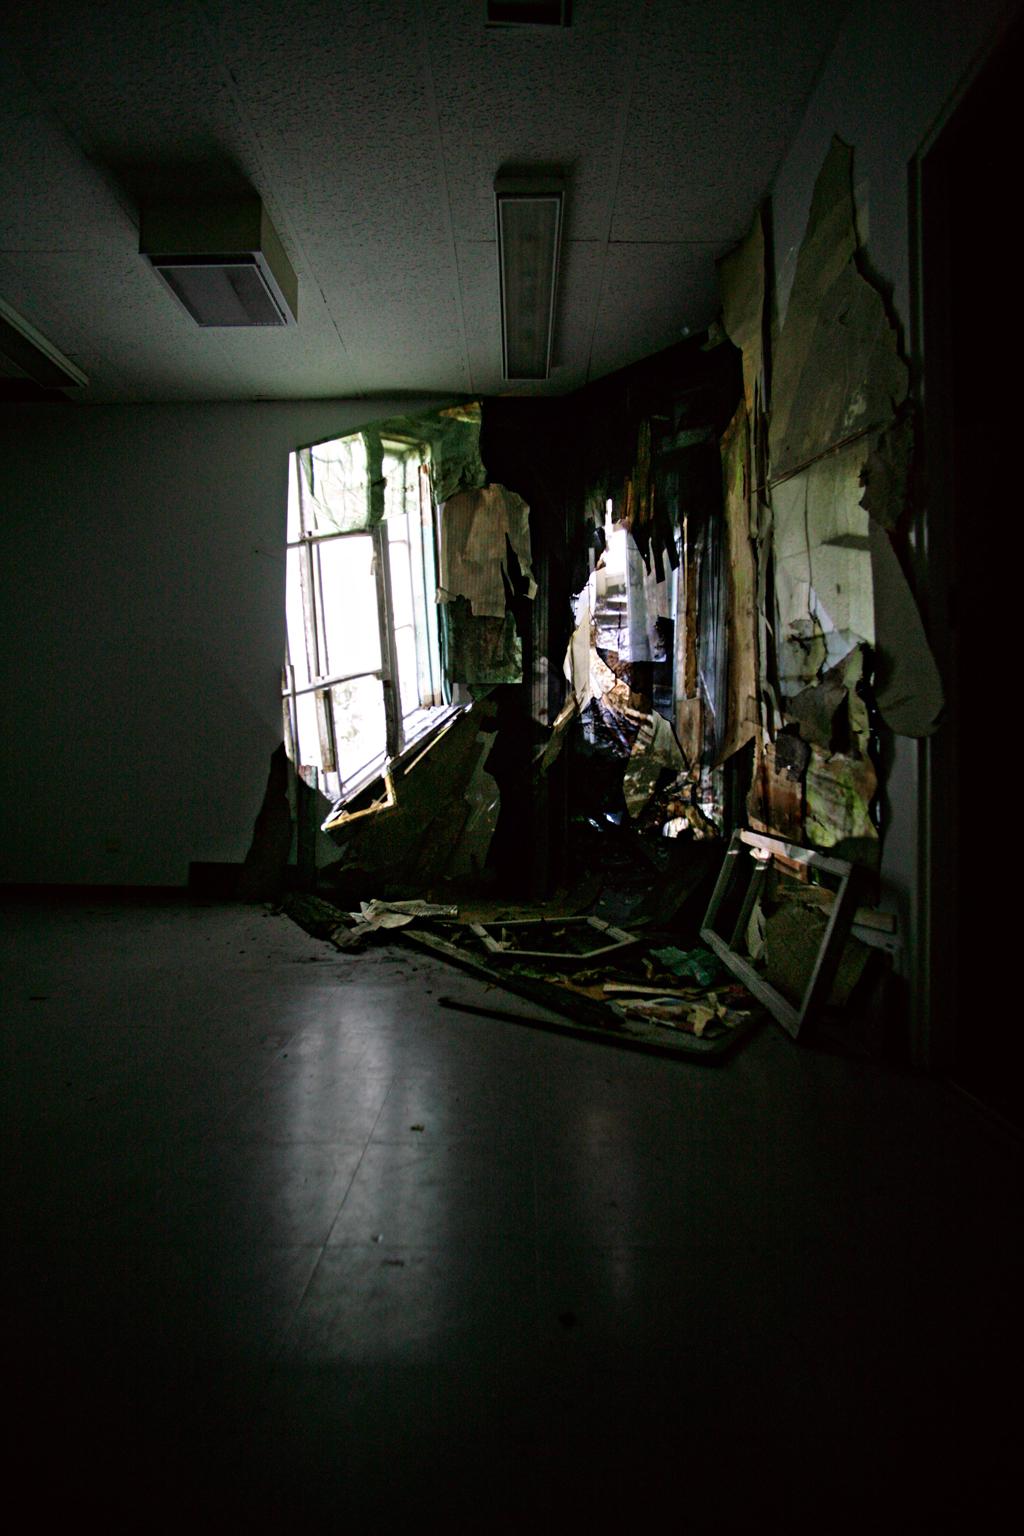 multimedia installation, Estranged Relations, Ptarmigan gallery, Helsinki, 2009, Jane Hughes